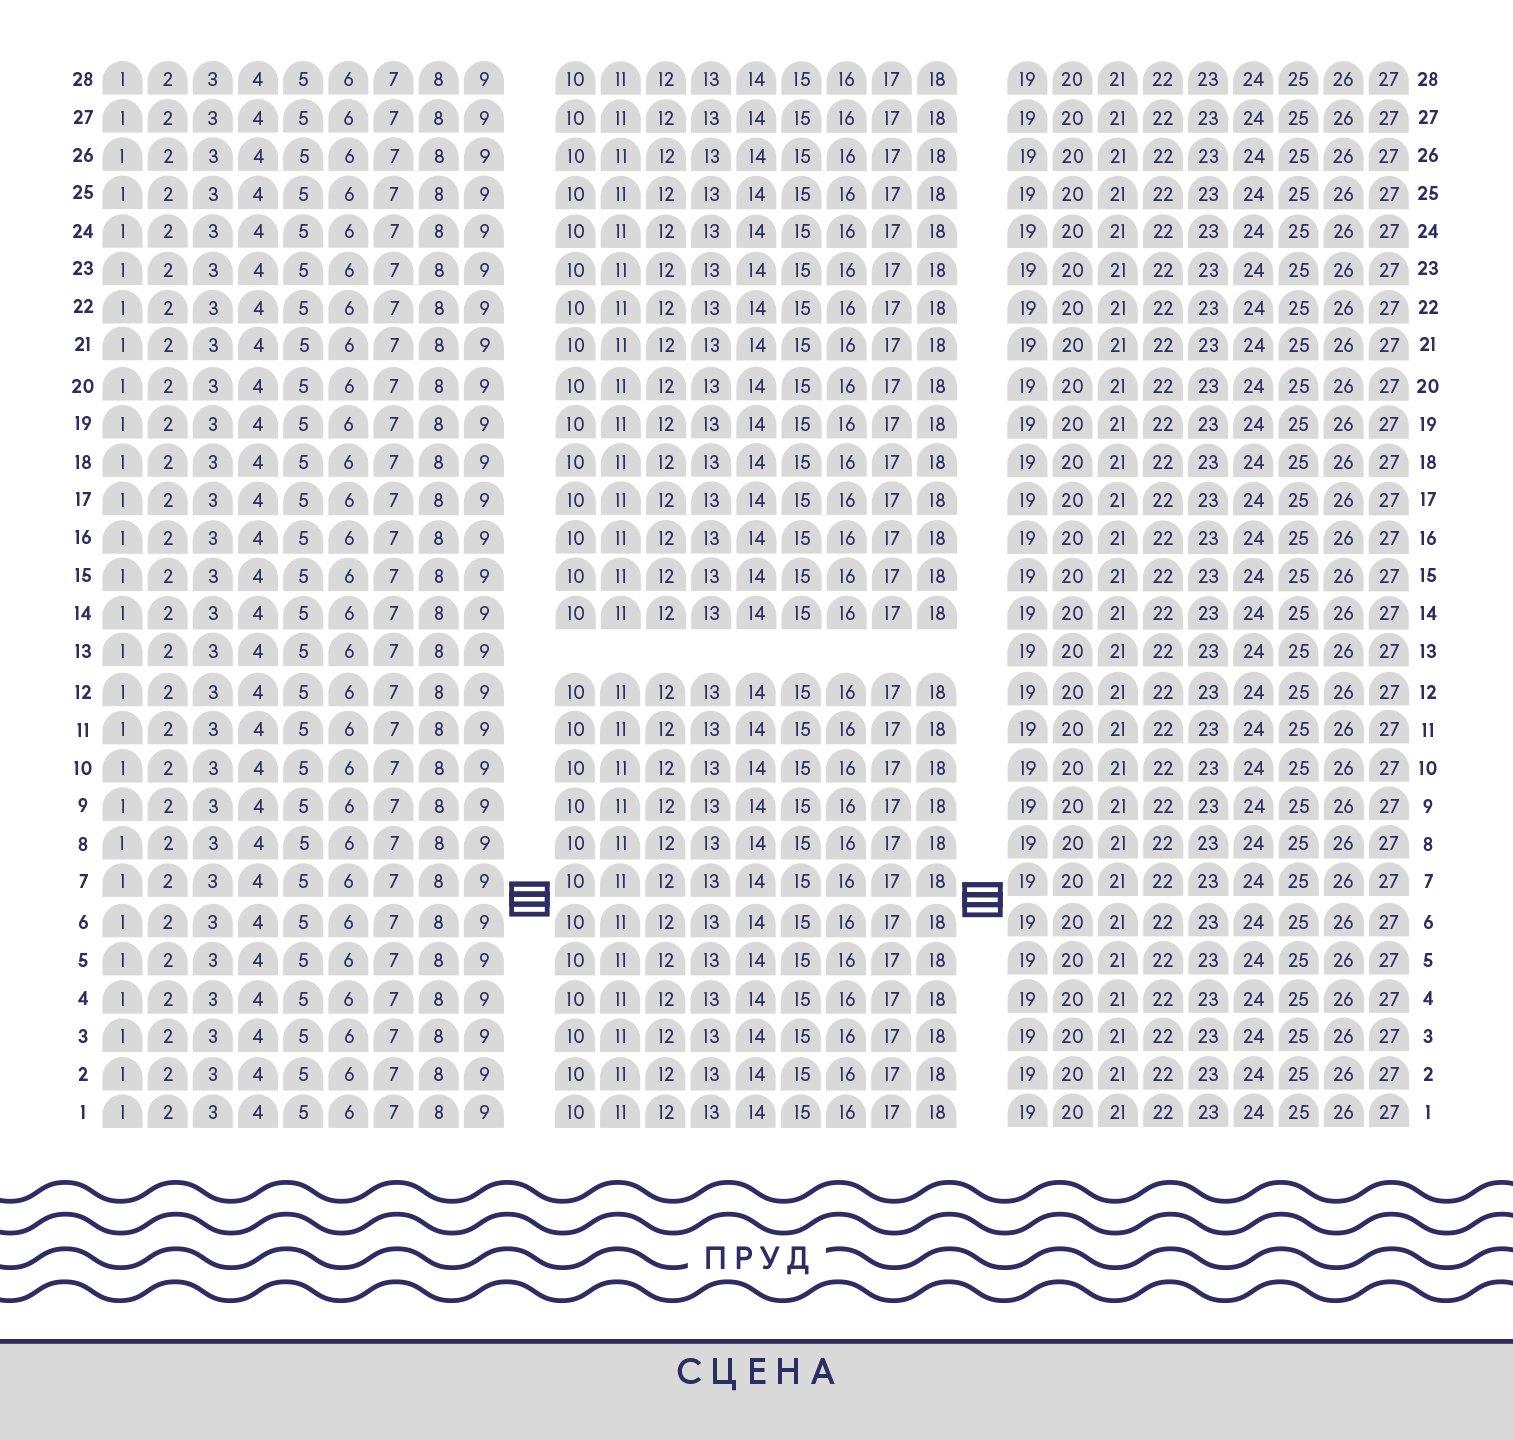 Схема зала Зеленый театр ВДНХ. Сцена на воде